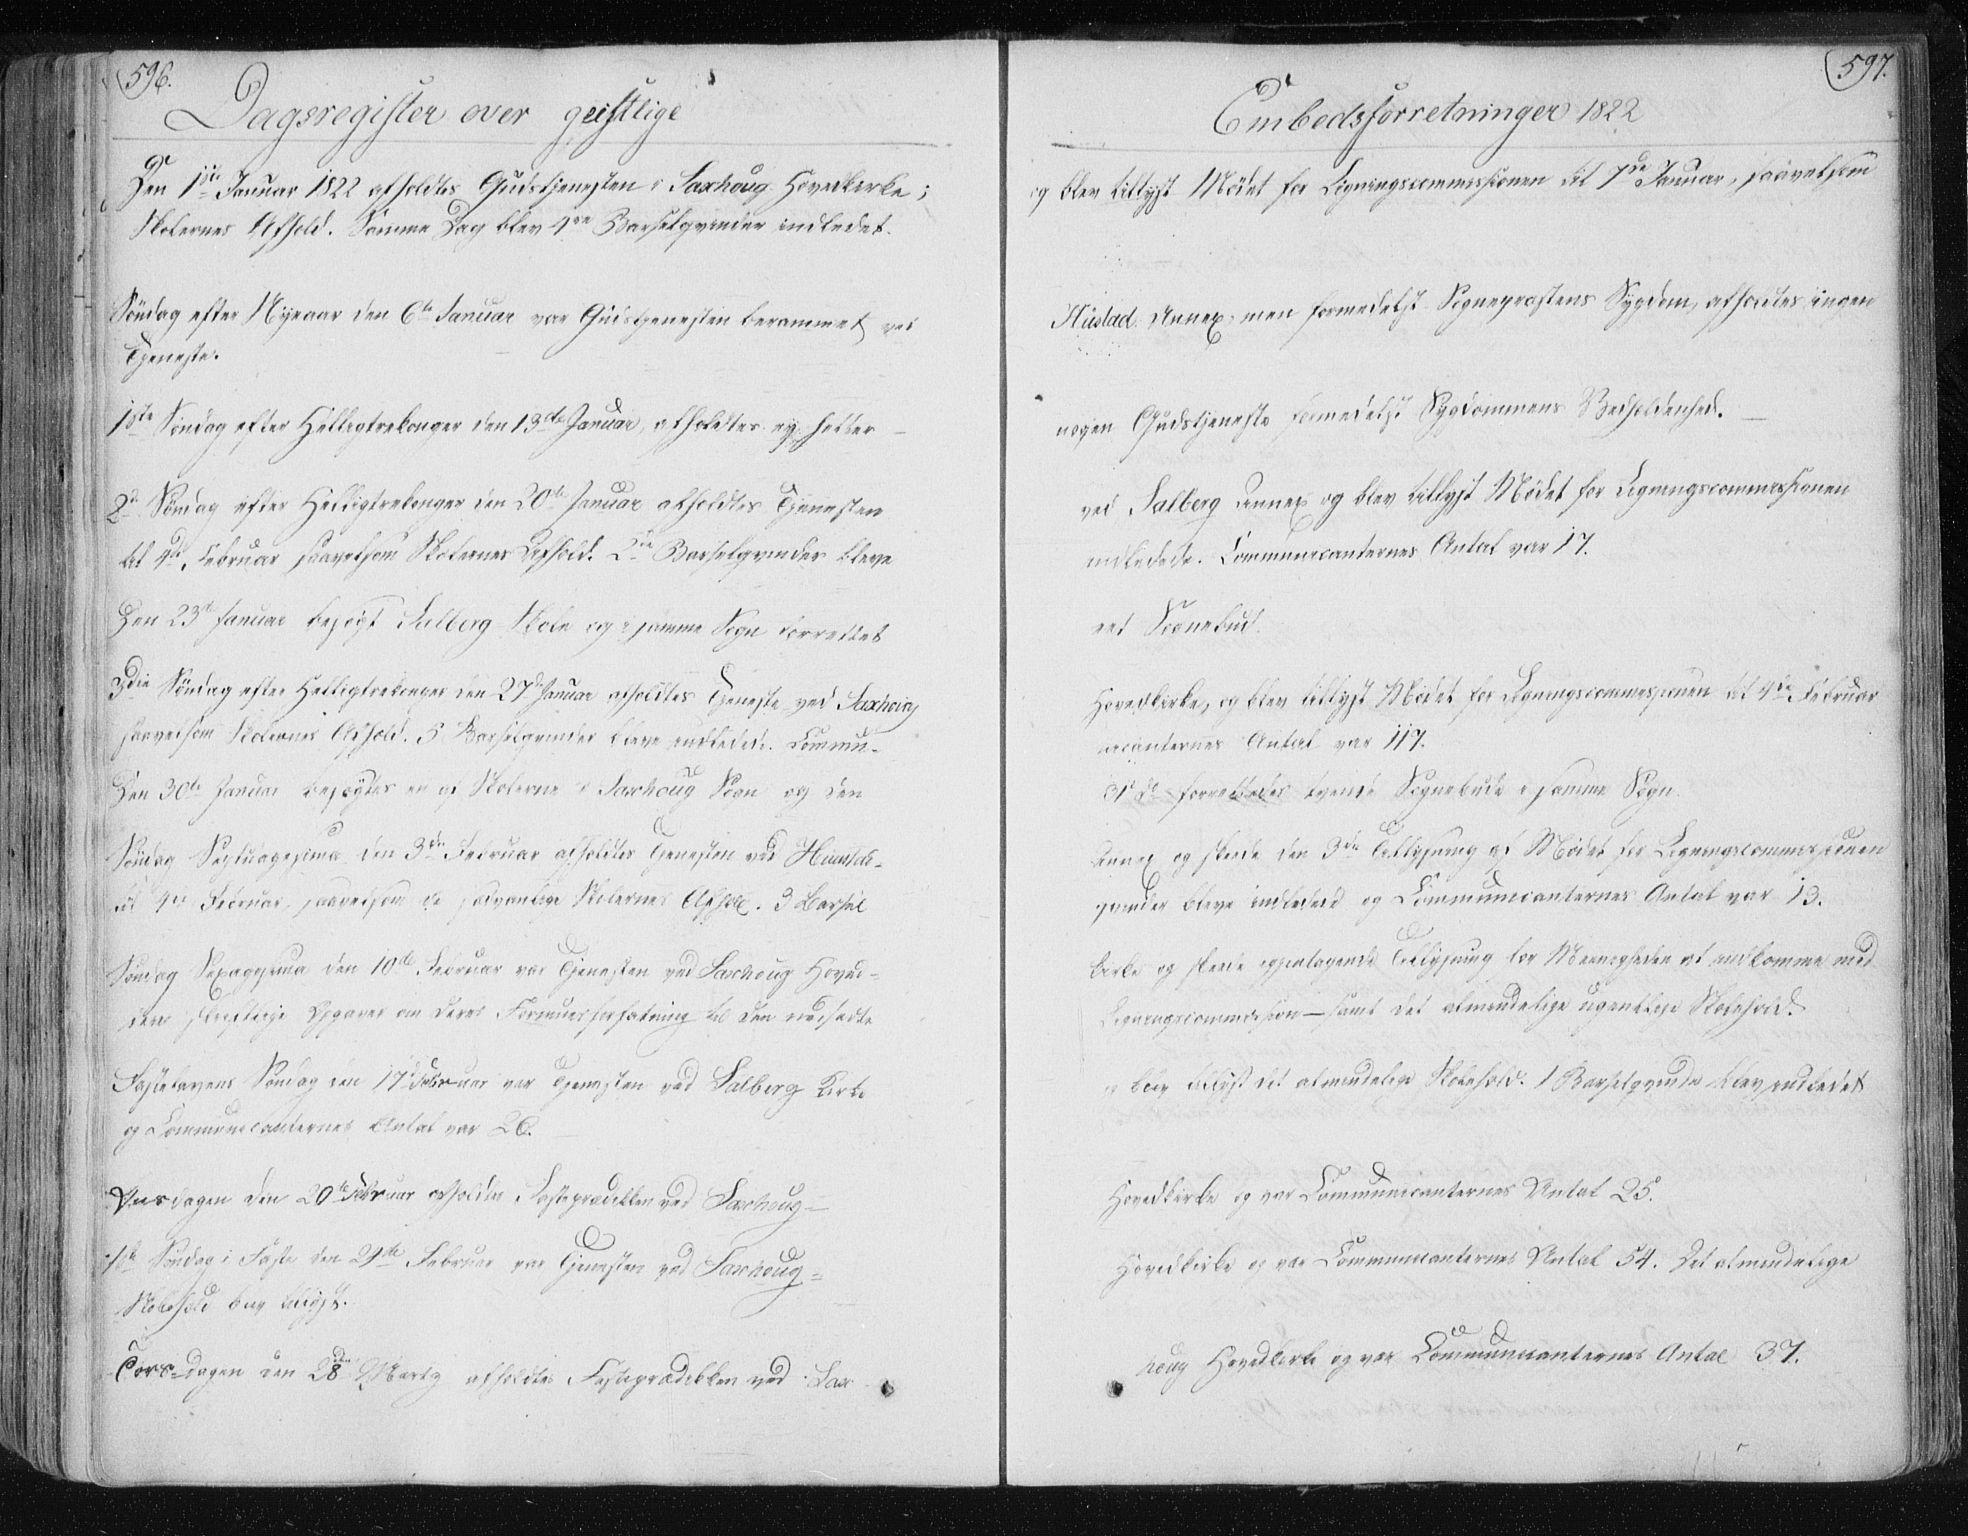 SAT, Ministerialprotokoller, klokkerbøker og fødselsregistre - Nord-Trøndelag, 730/L0276: Parish register (official) no. 730A05, 1822-1830, p. 596-597